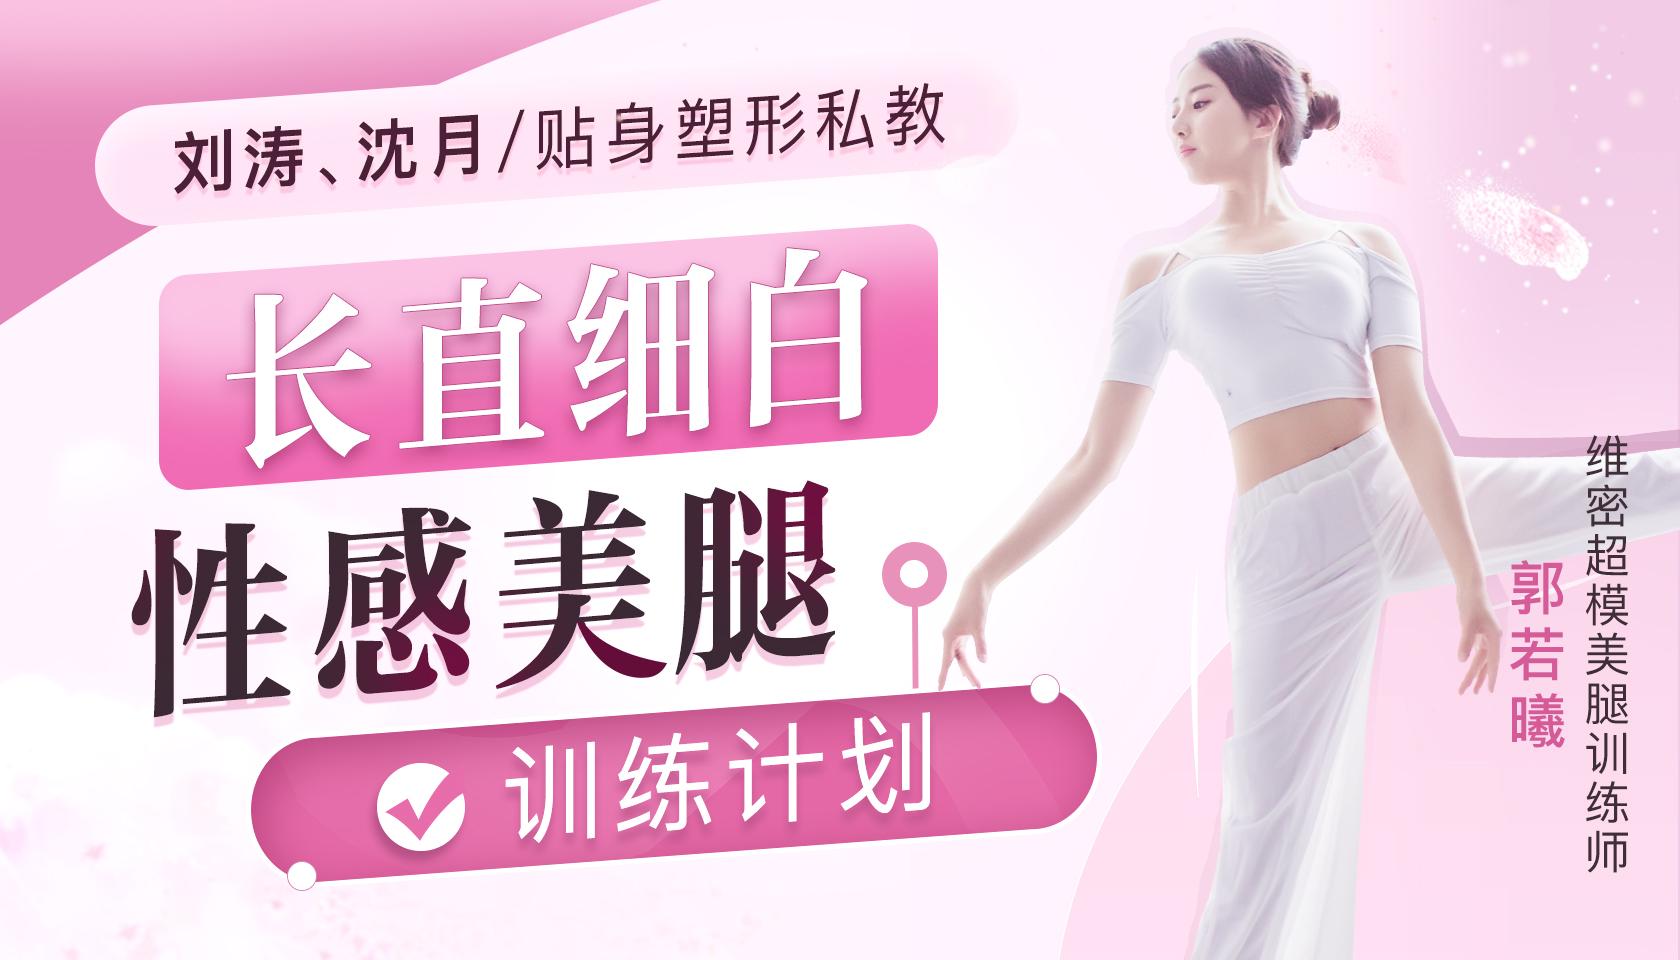 刘涛、沈月塑形私教:每天15分钟,教你轻松打造一双长白细直性感美腿